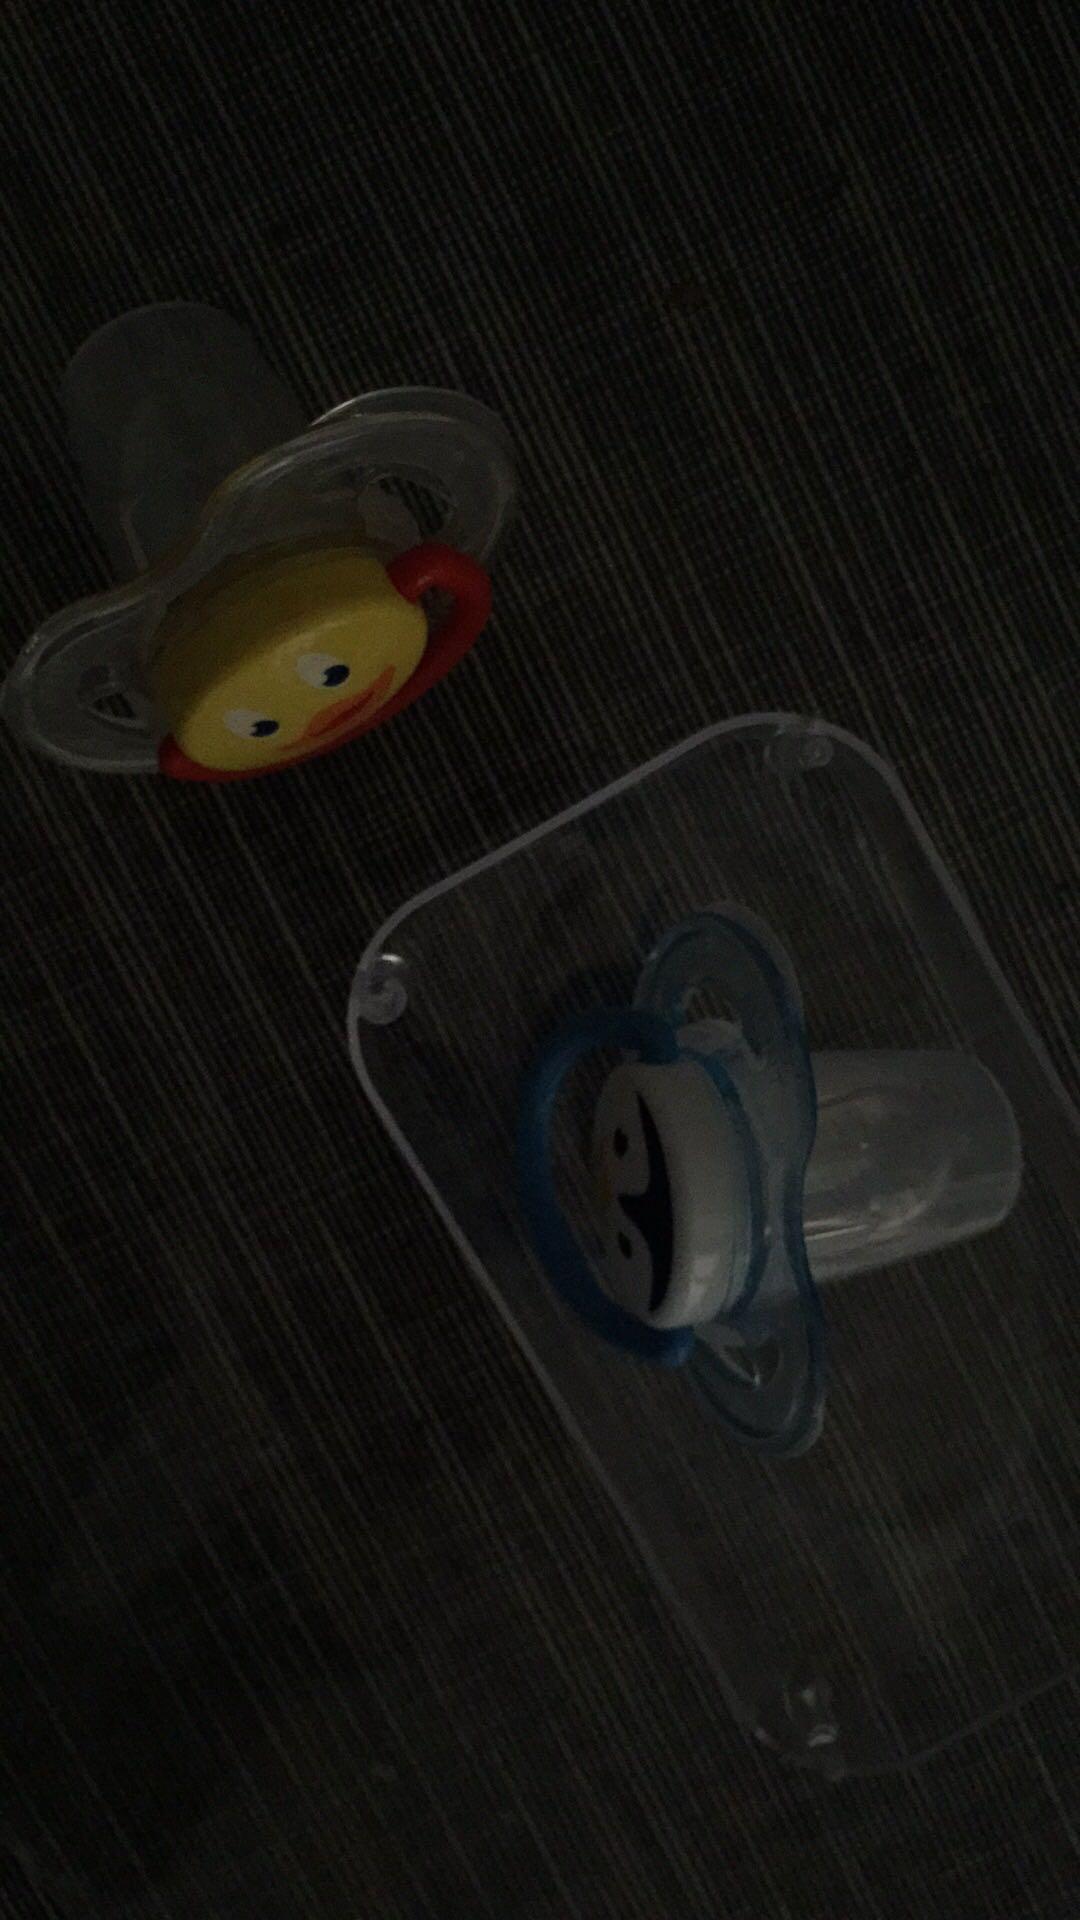 nike underwear for men 00233079 bags